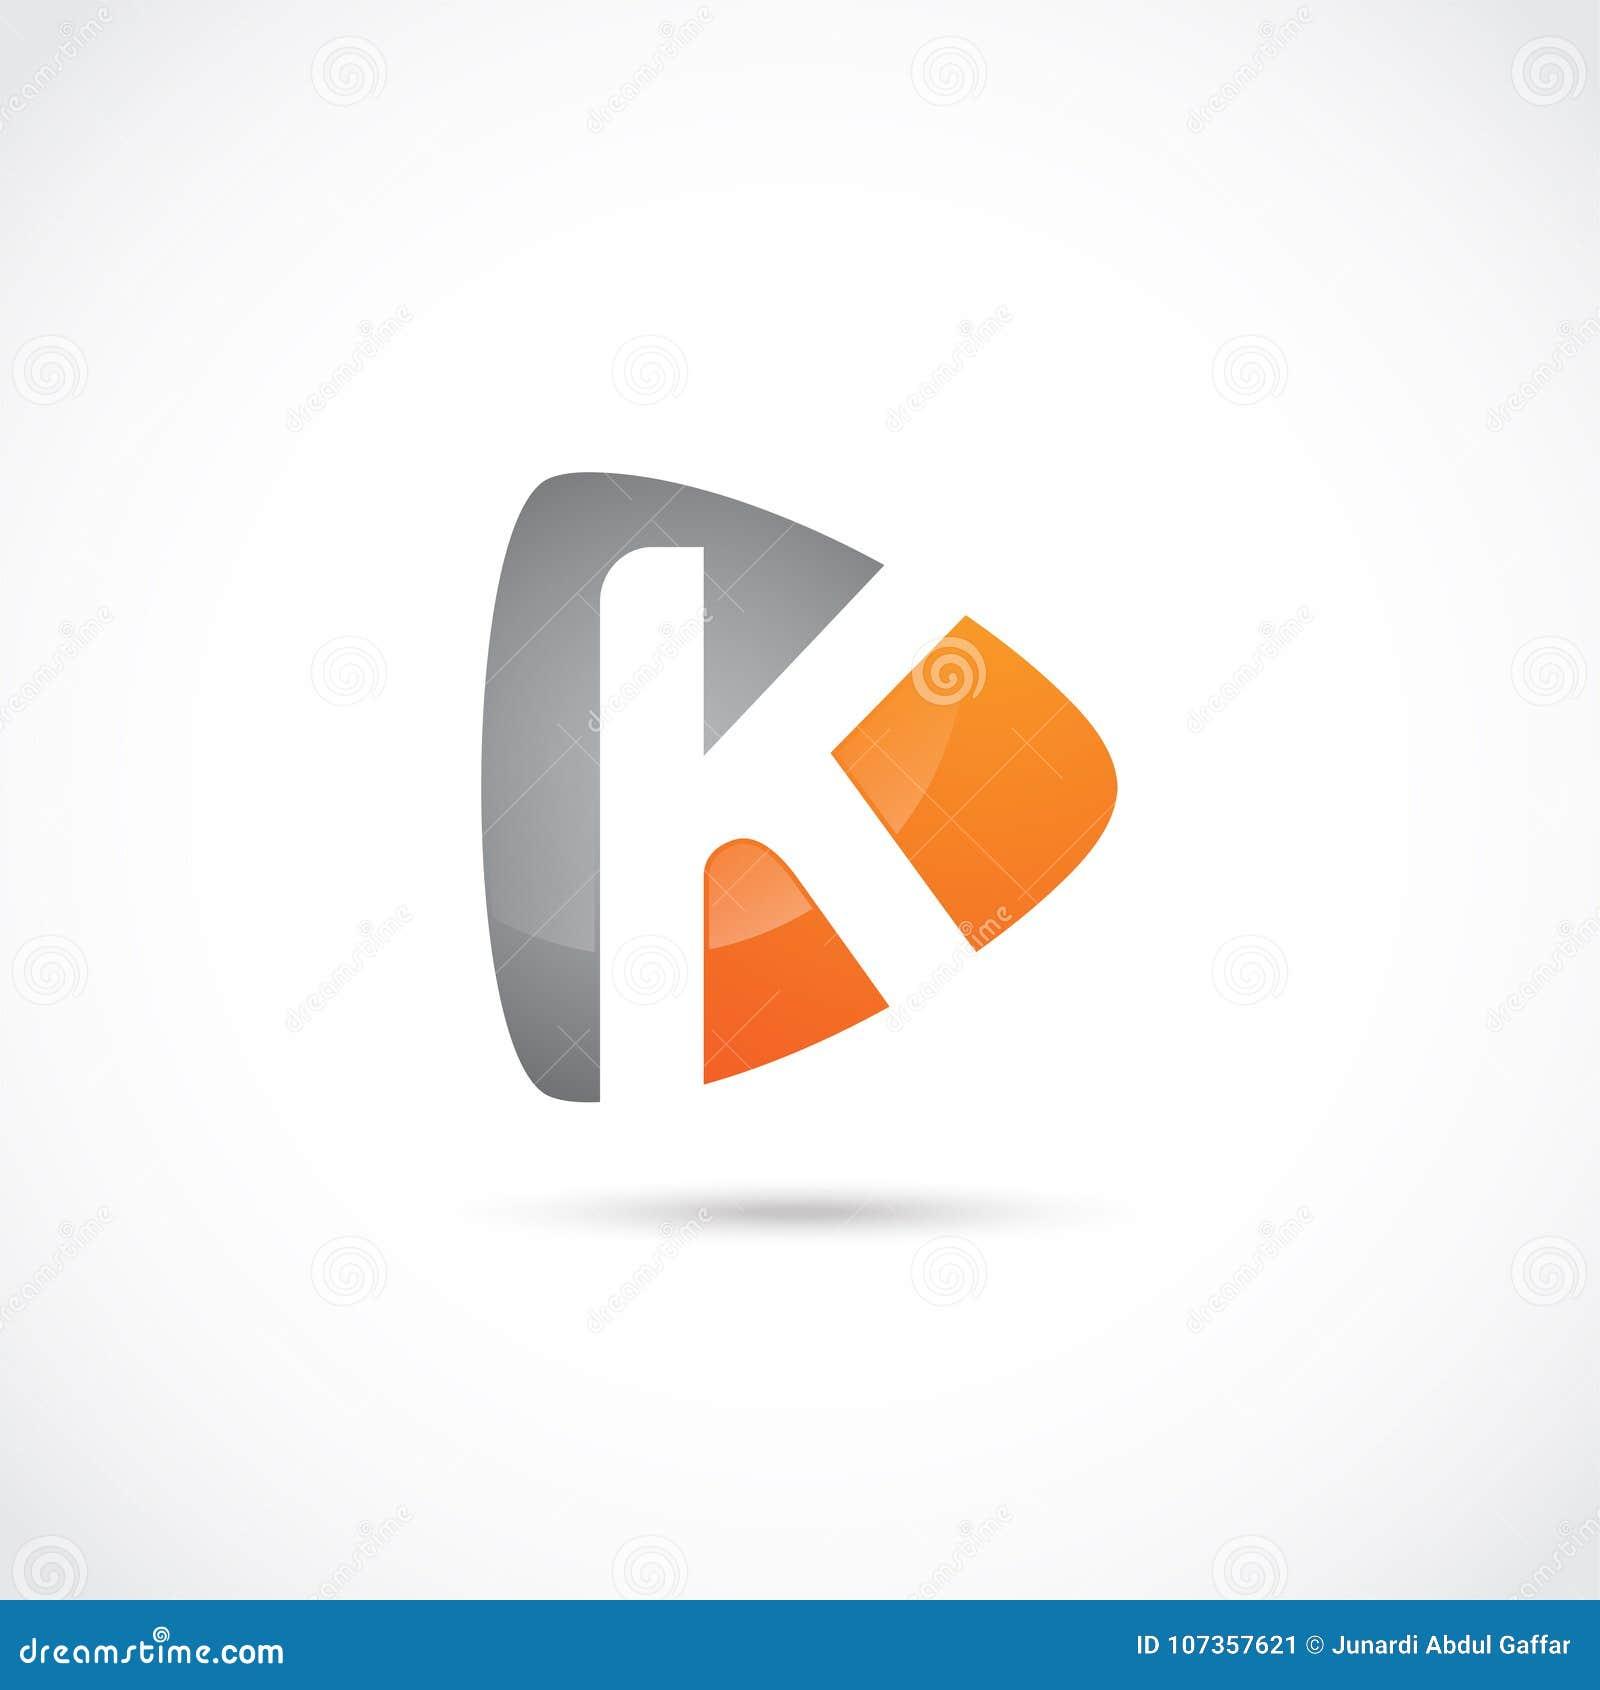 Abstract Letter K Logo Design Vector Illustrator Eps 10